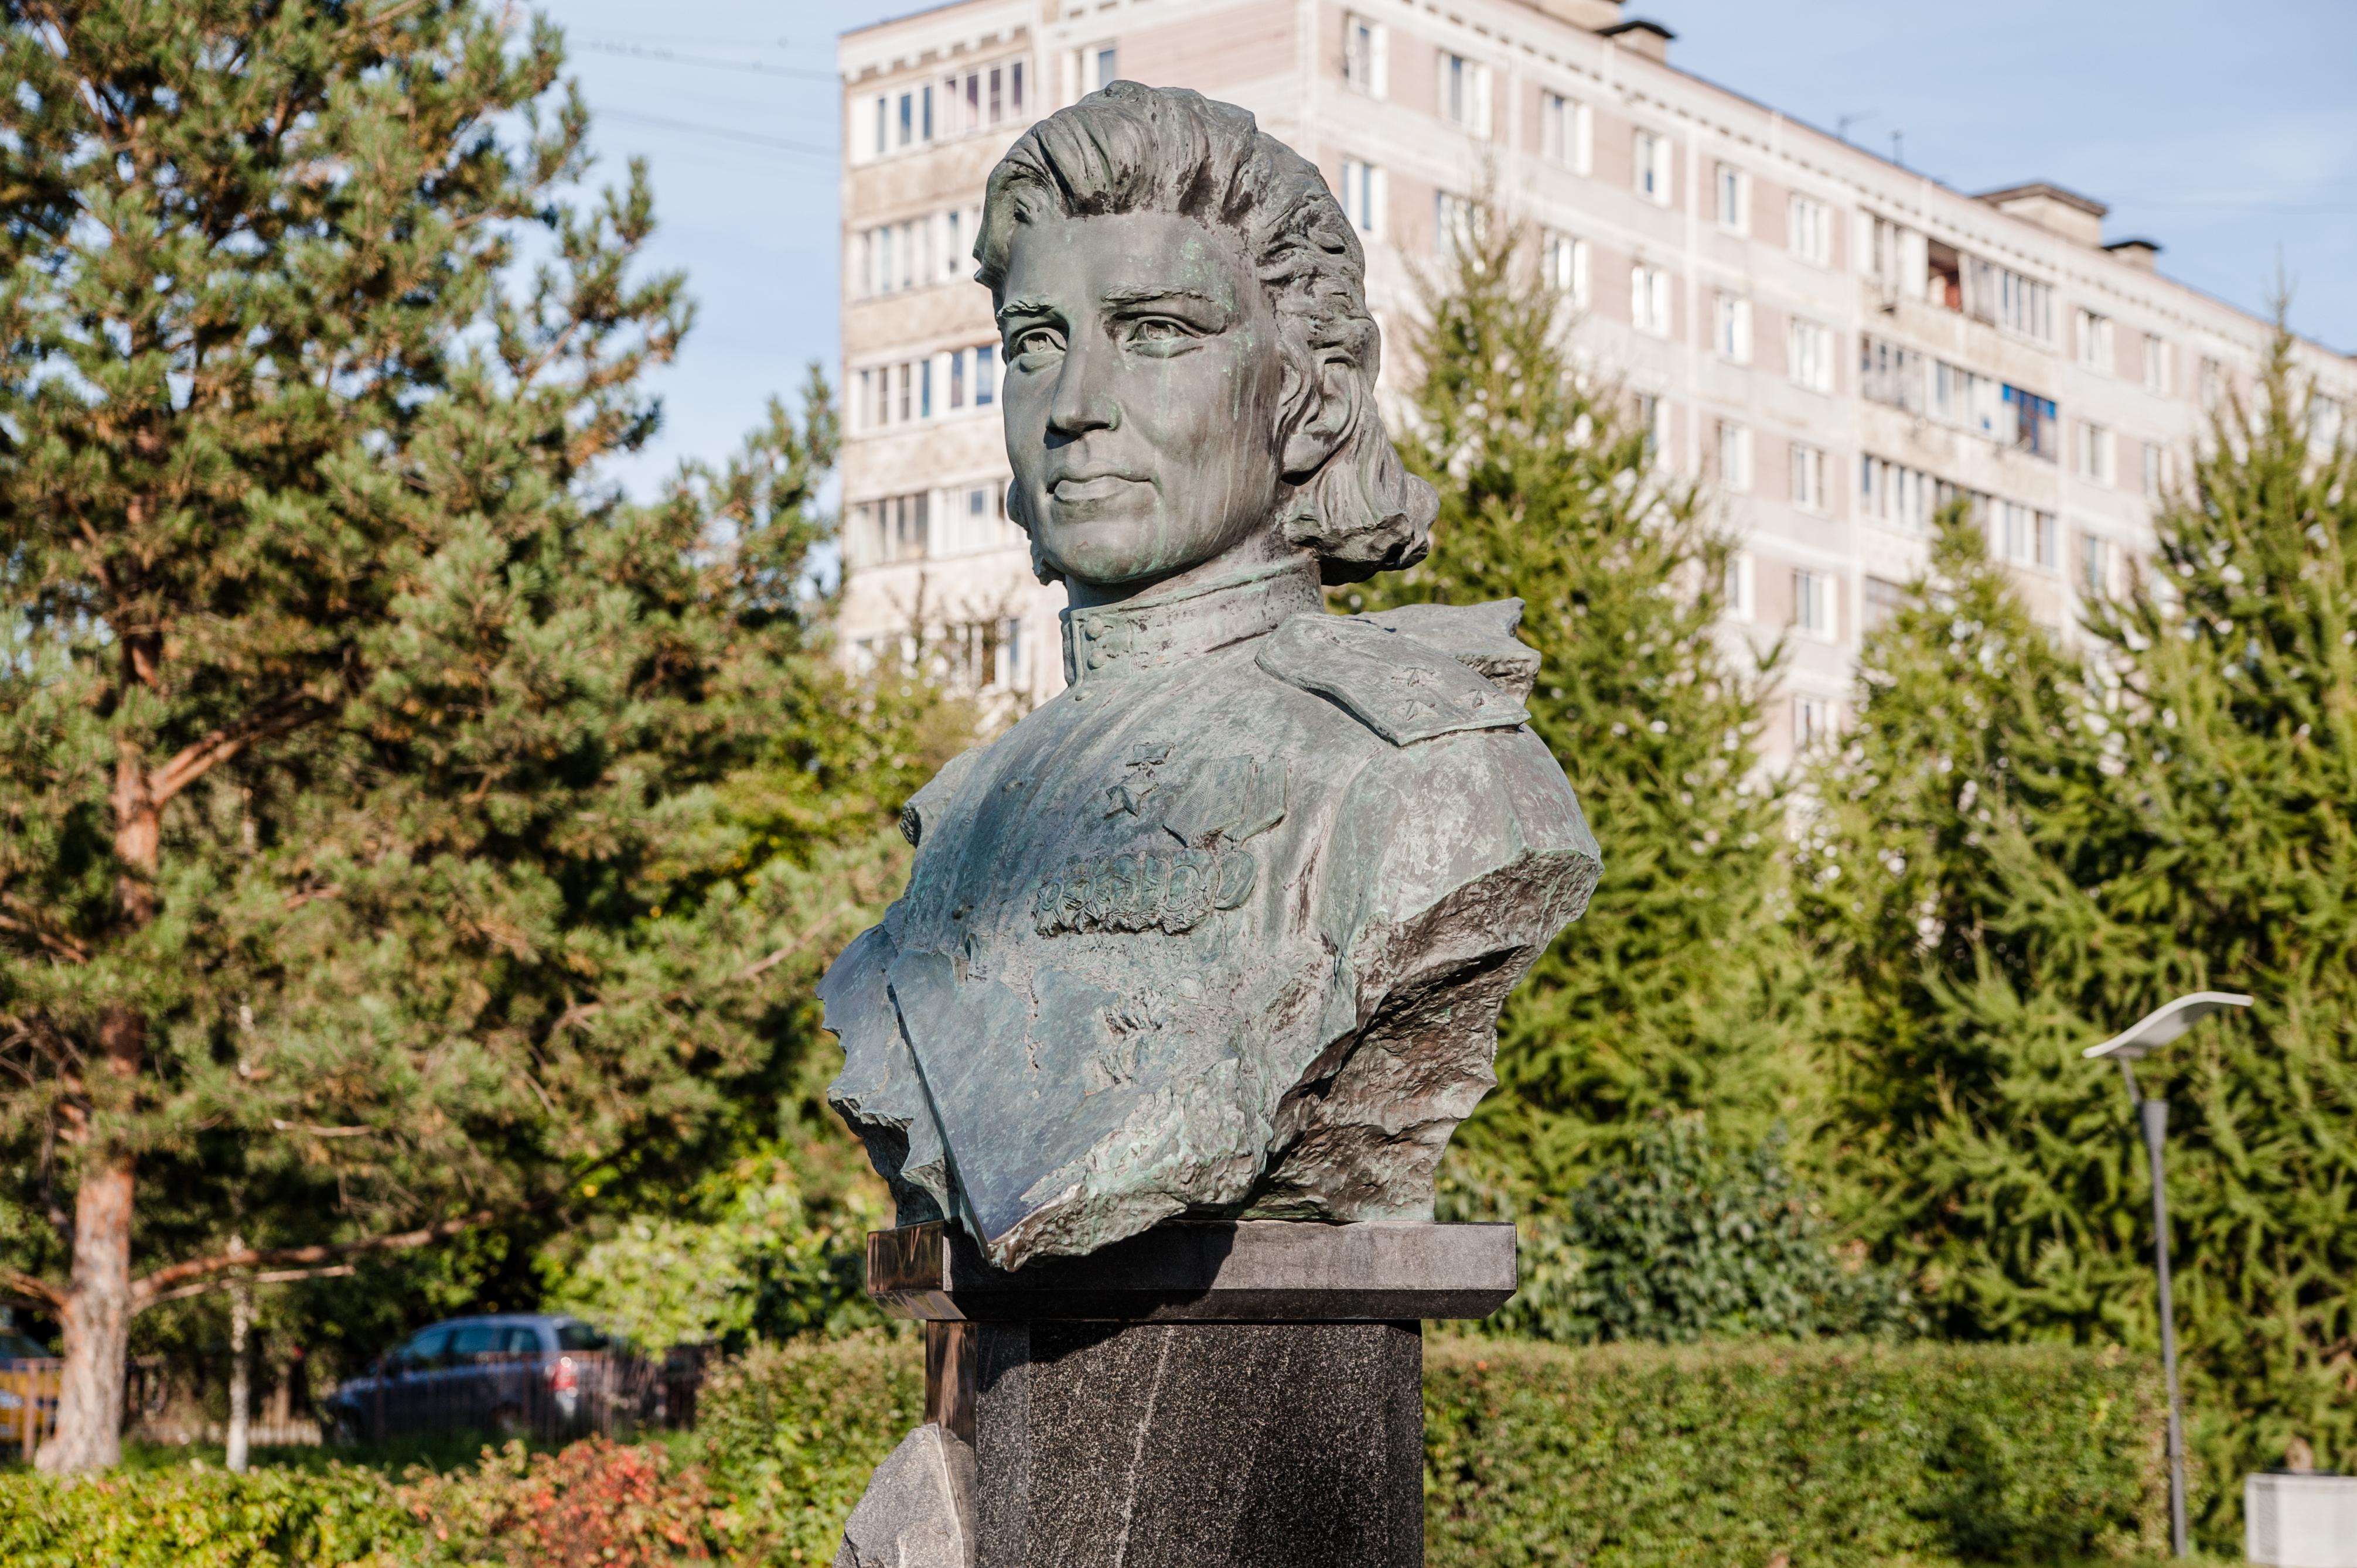 Ярославское направление, Мытищи, памятник герою Советского Союза Н.М. Расповой